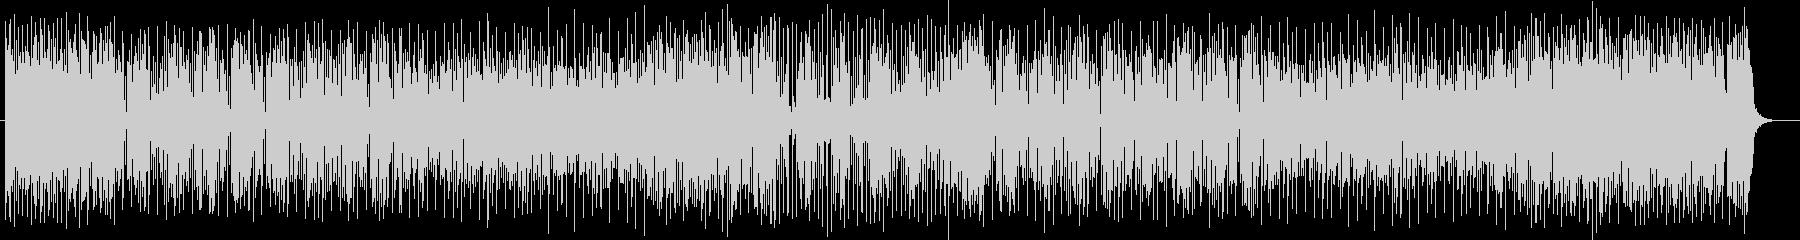 軽快でにぎやかなシンセサイザーのポップスの未再生の波形